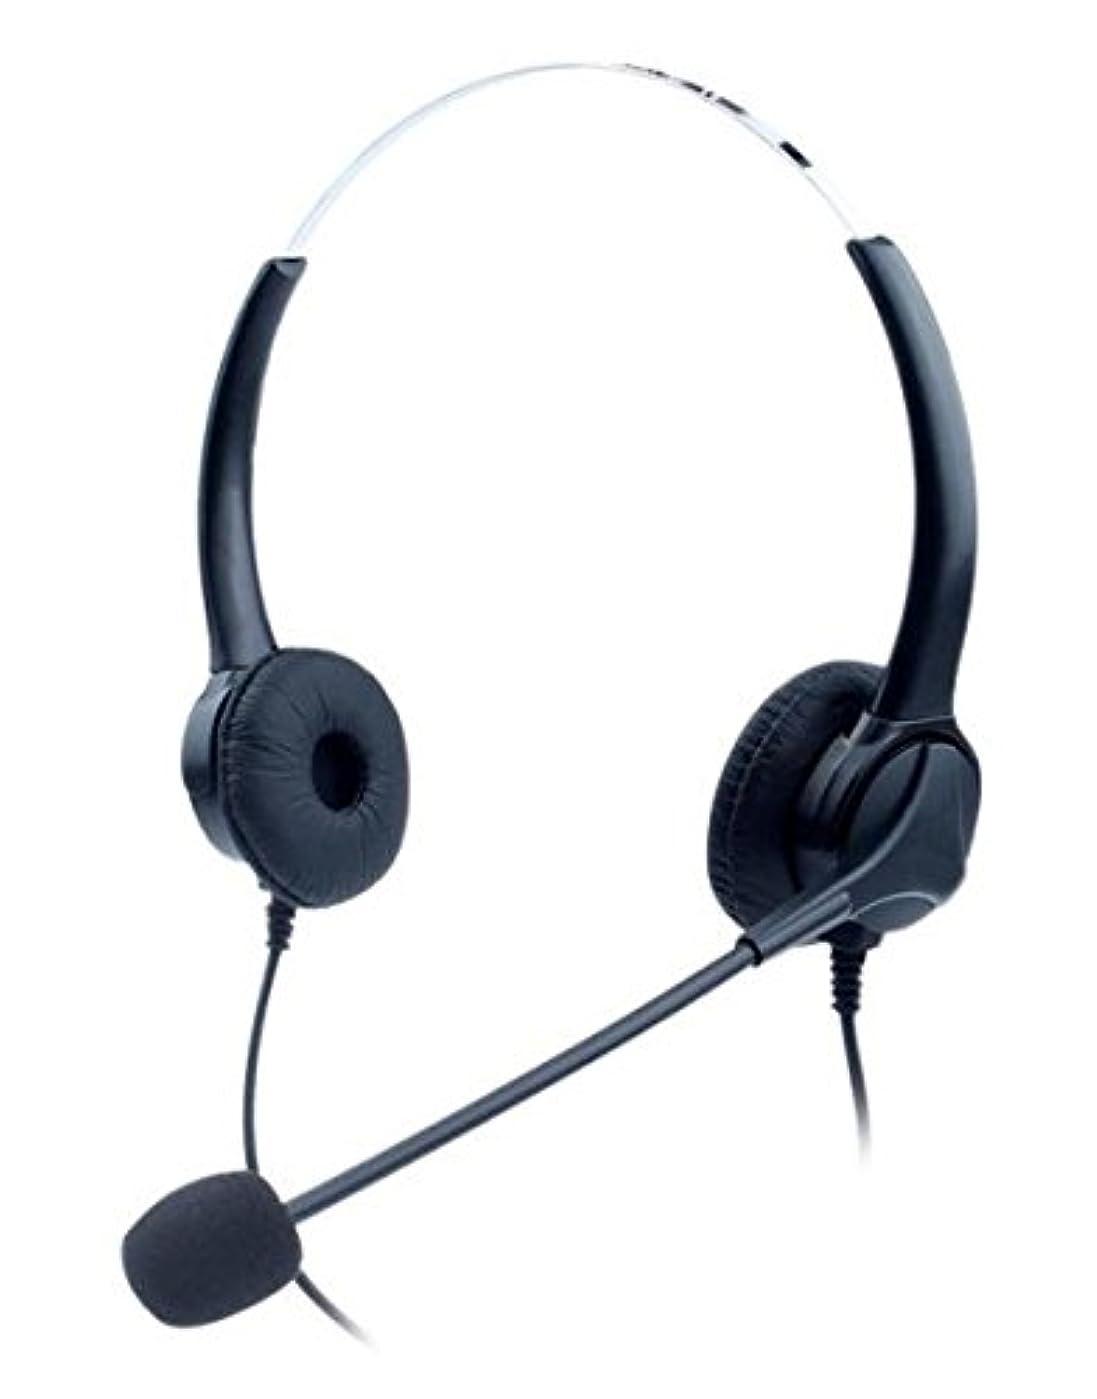 ジャグリングオデュッセウス主要なヘッドセット USB接続 両耳 ゲームや通話に